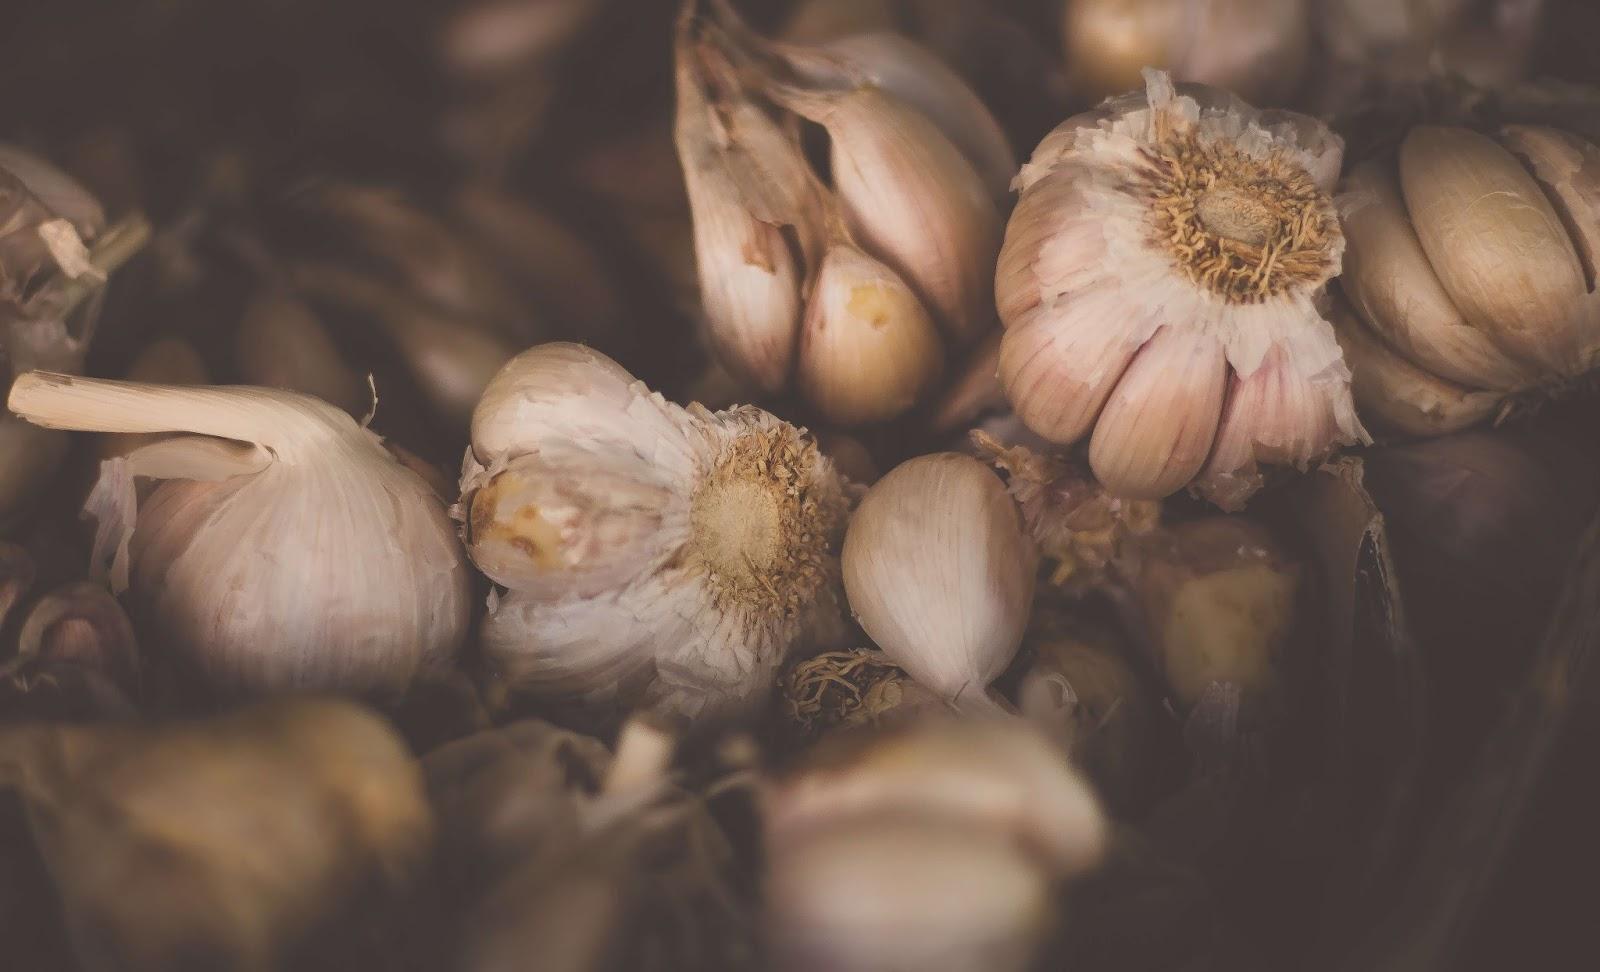 Kiat Mengobati Sinusitis Dengan Bawang Putih